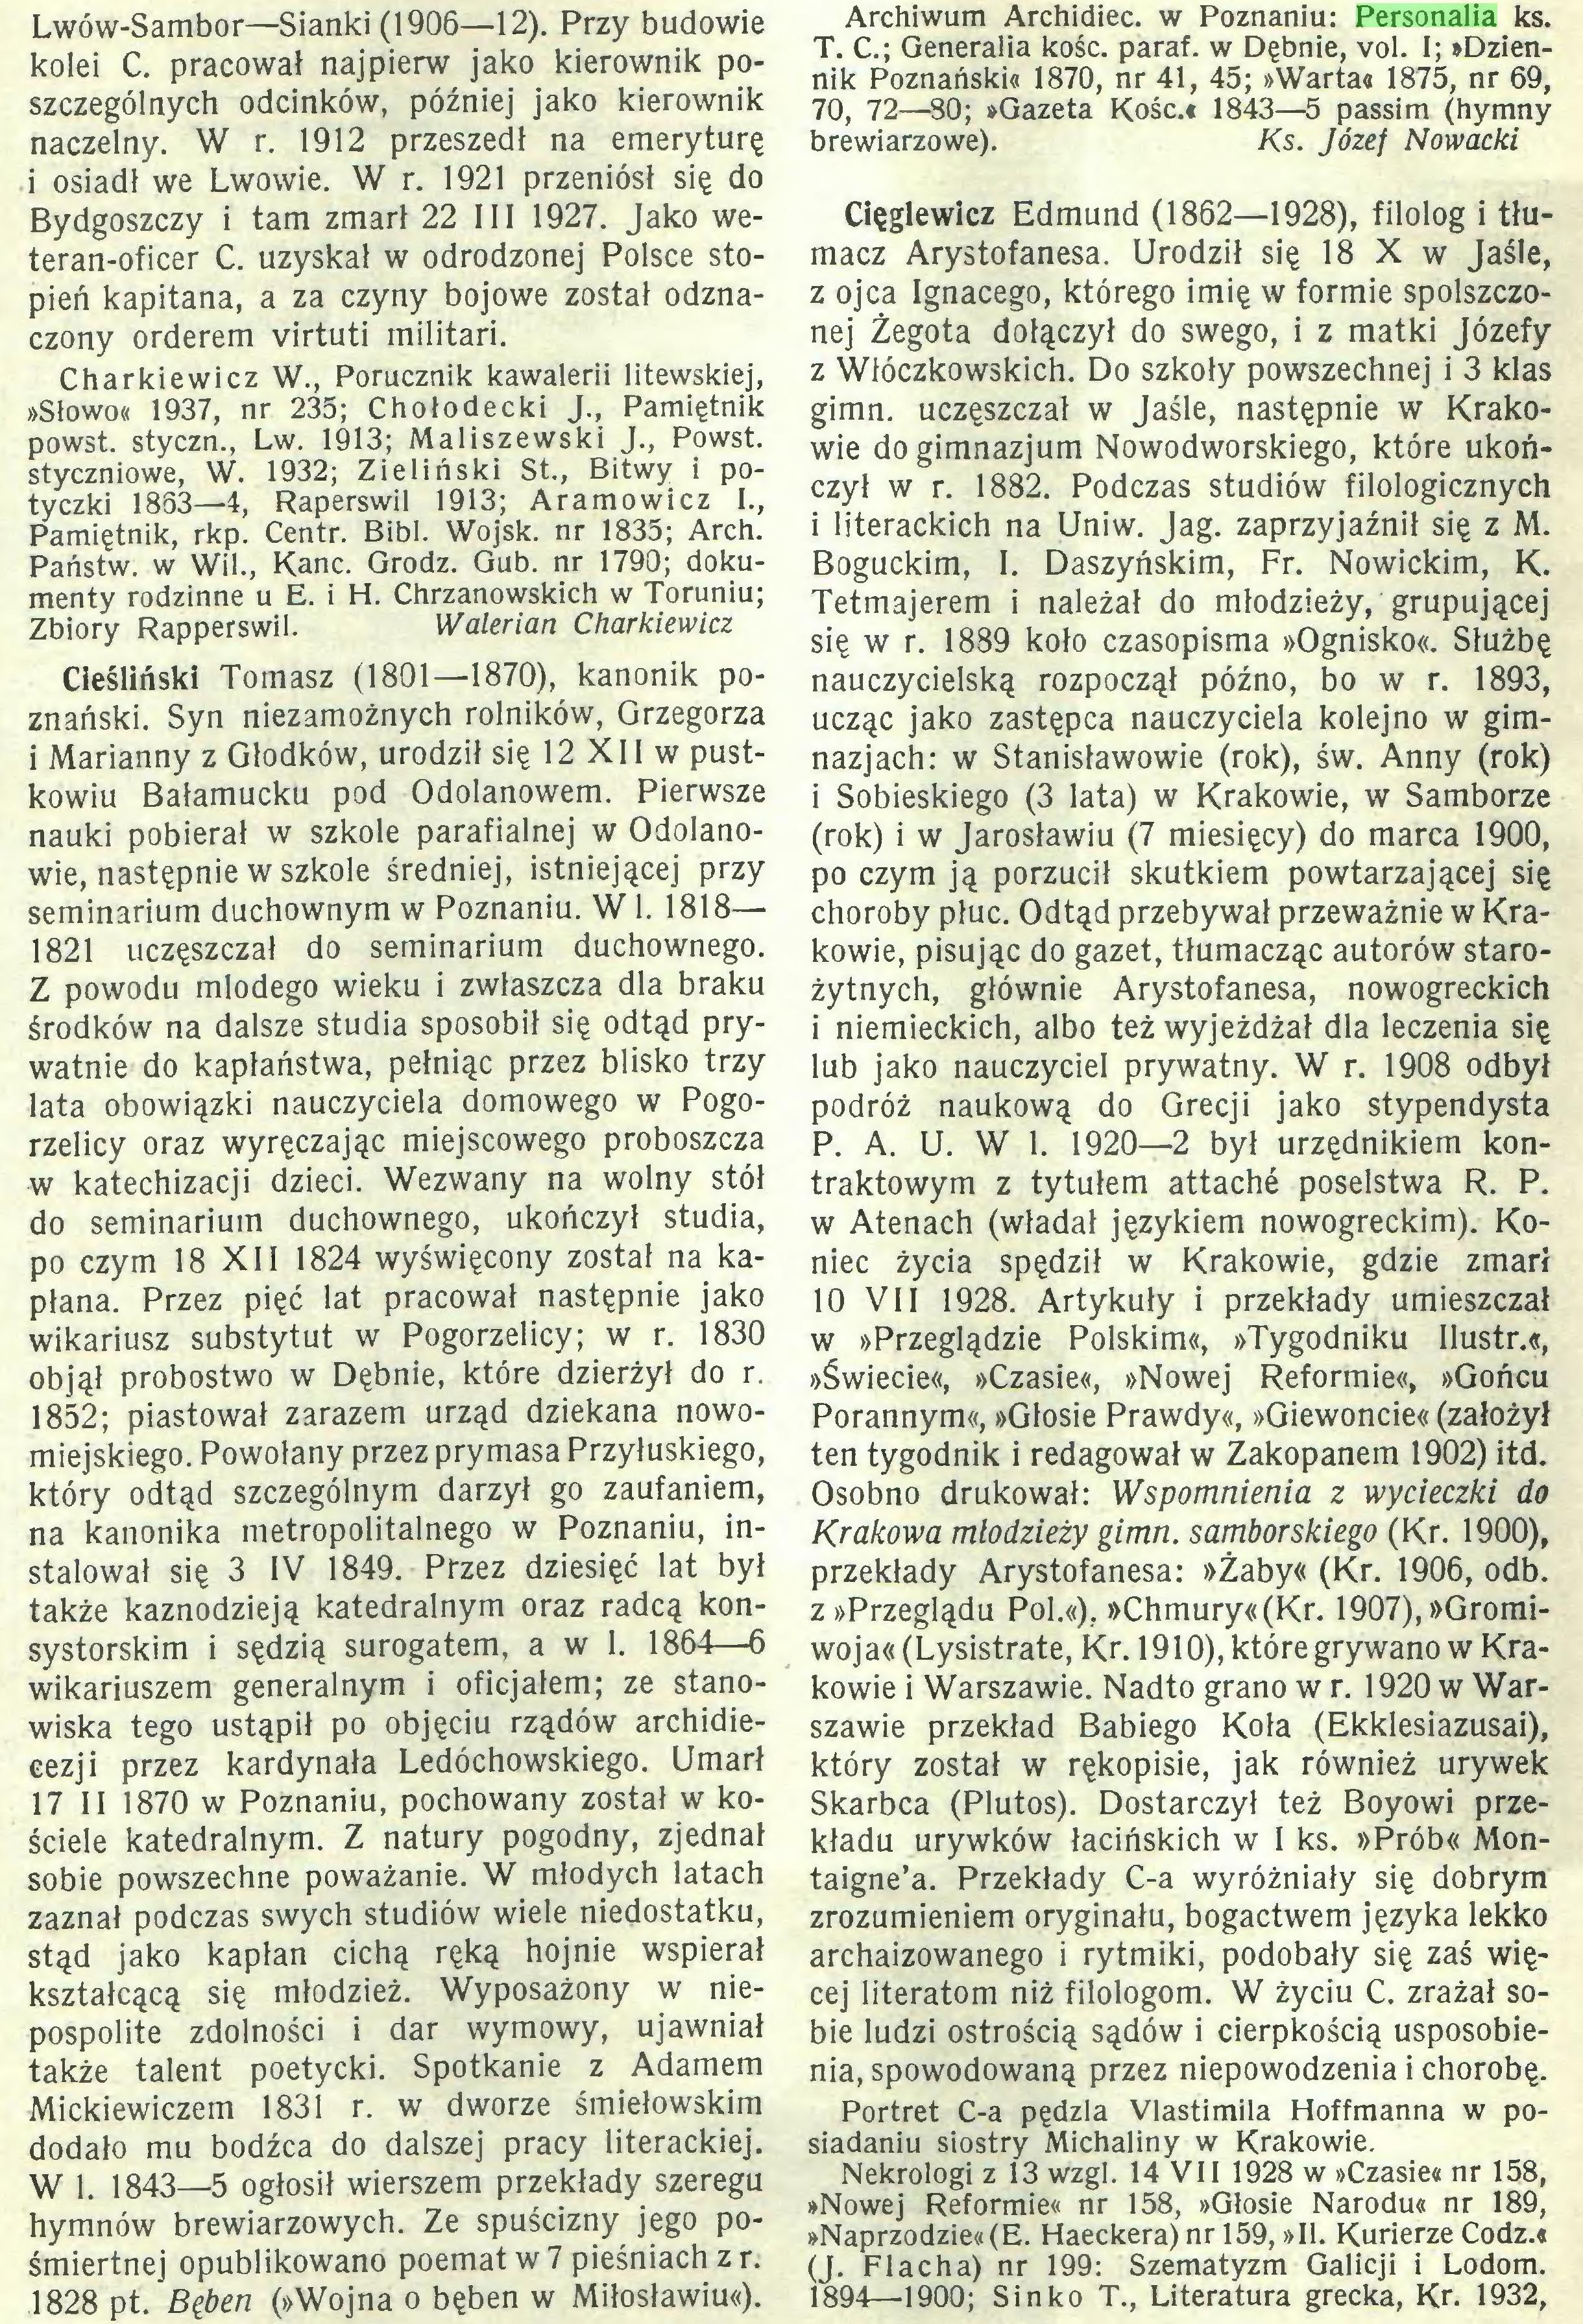 (...) 1828 pt. Bęben (»Wojna o bęben w Miłosławiu«). Archiwum Archidiec. w Poznaniu: Personalia ks...